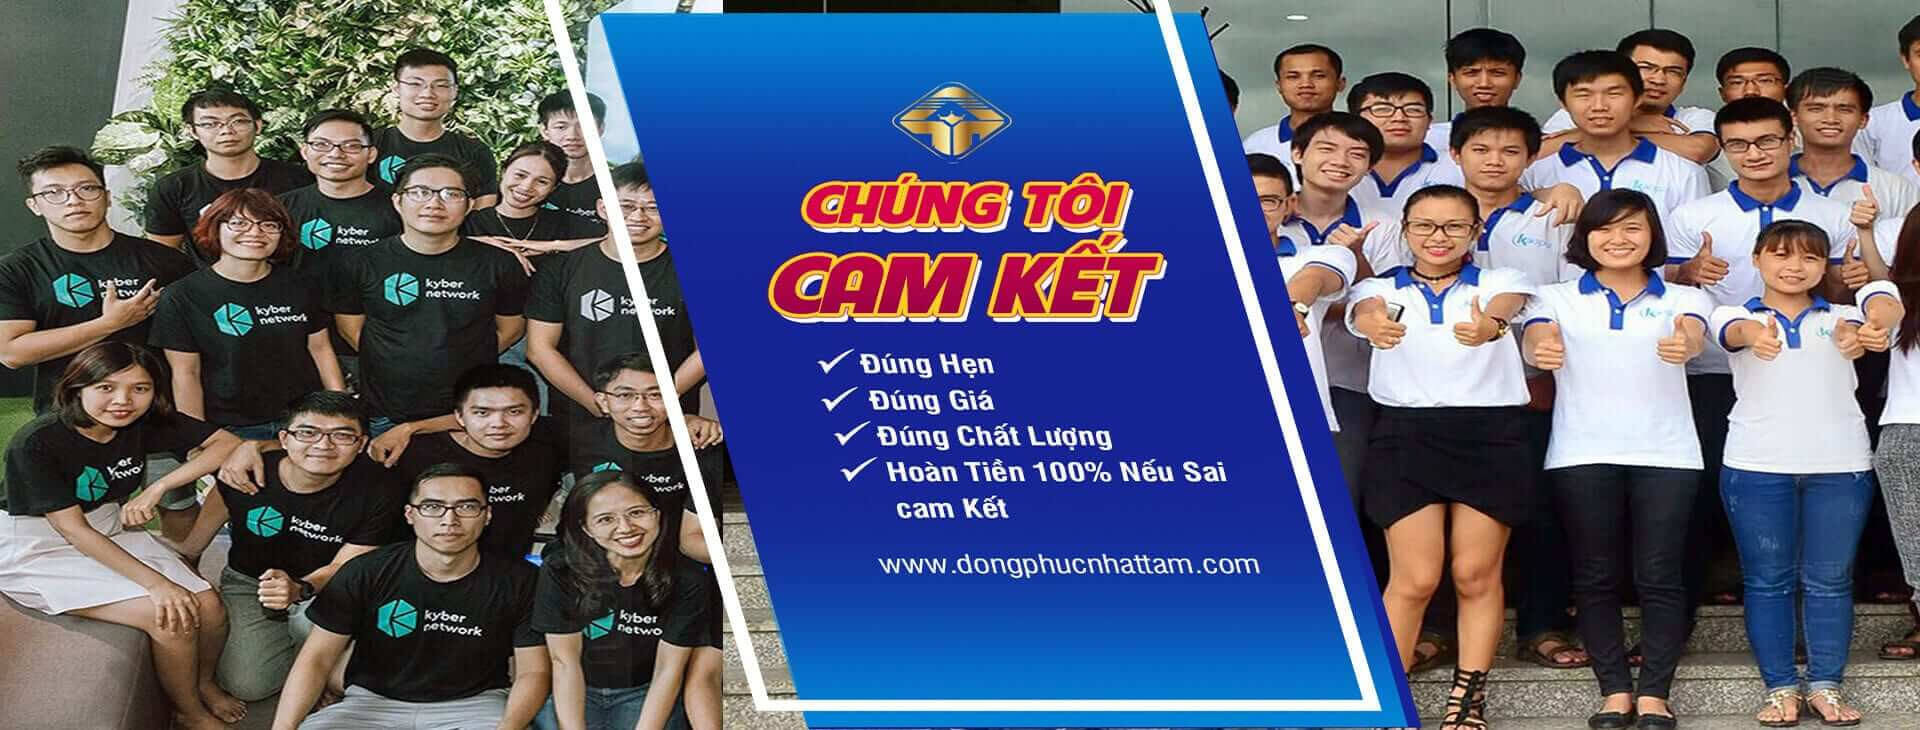 Xuong May Dong Phuc Cong Ty